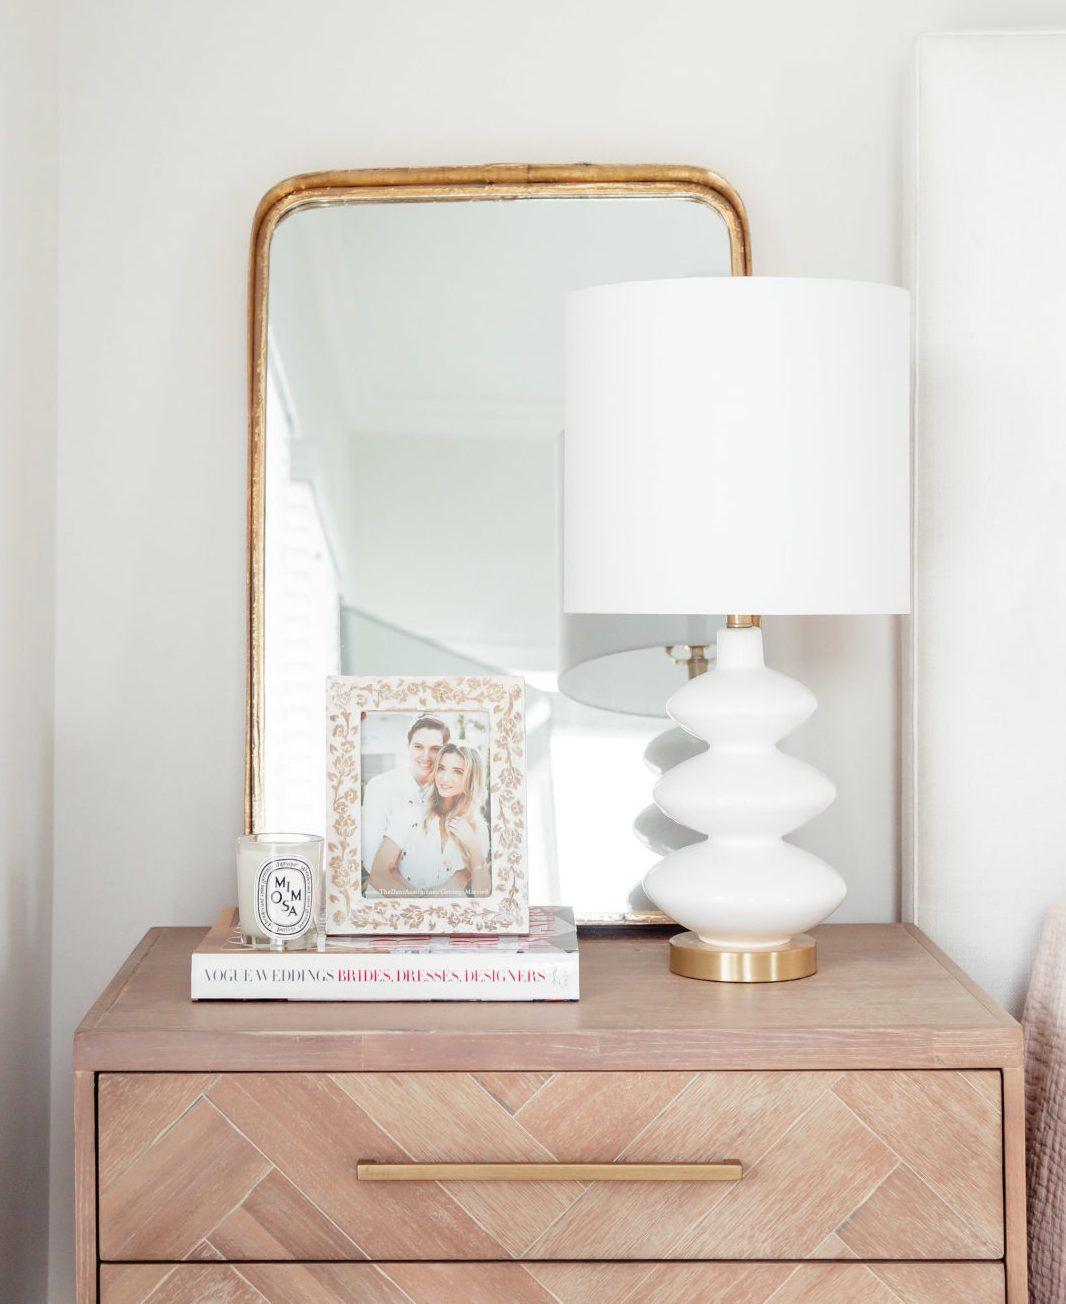 Master bedroom nightstand decor  Wayfair nightstand decor  Home Inspiration in   Pinterest